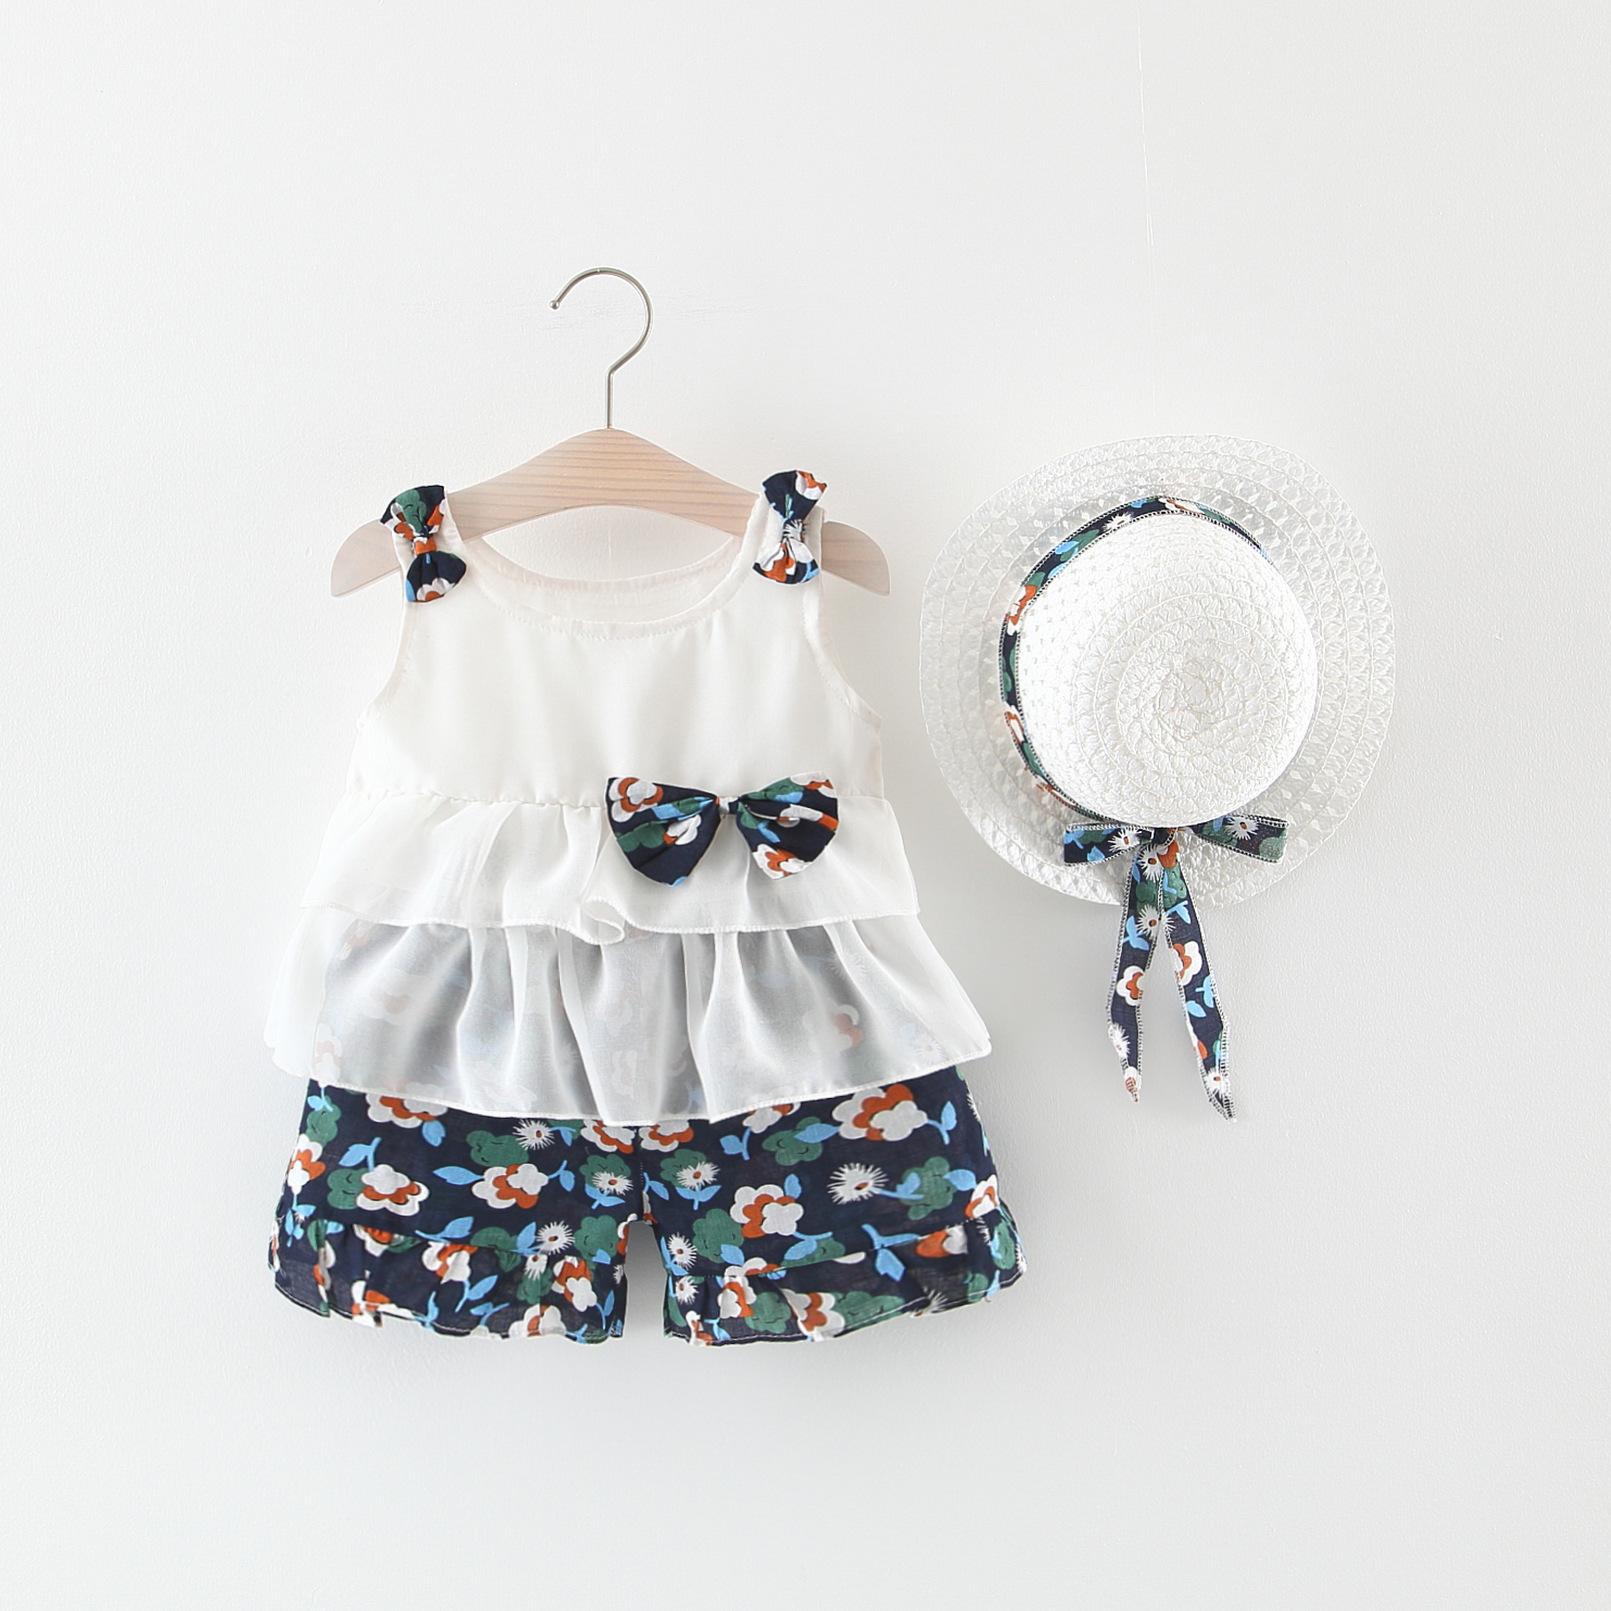 2020 Nieuwe Mode Zomer Bloemen Boog Meisje Kleding Koreaanse Ruche Band 3 Pcs Baby Meisje Sets